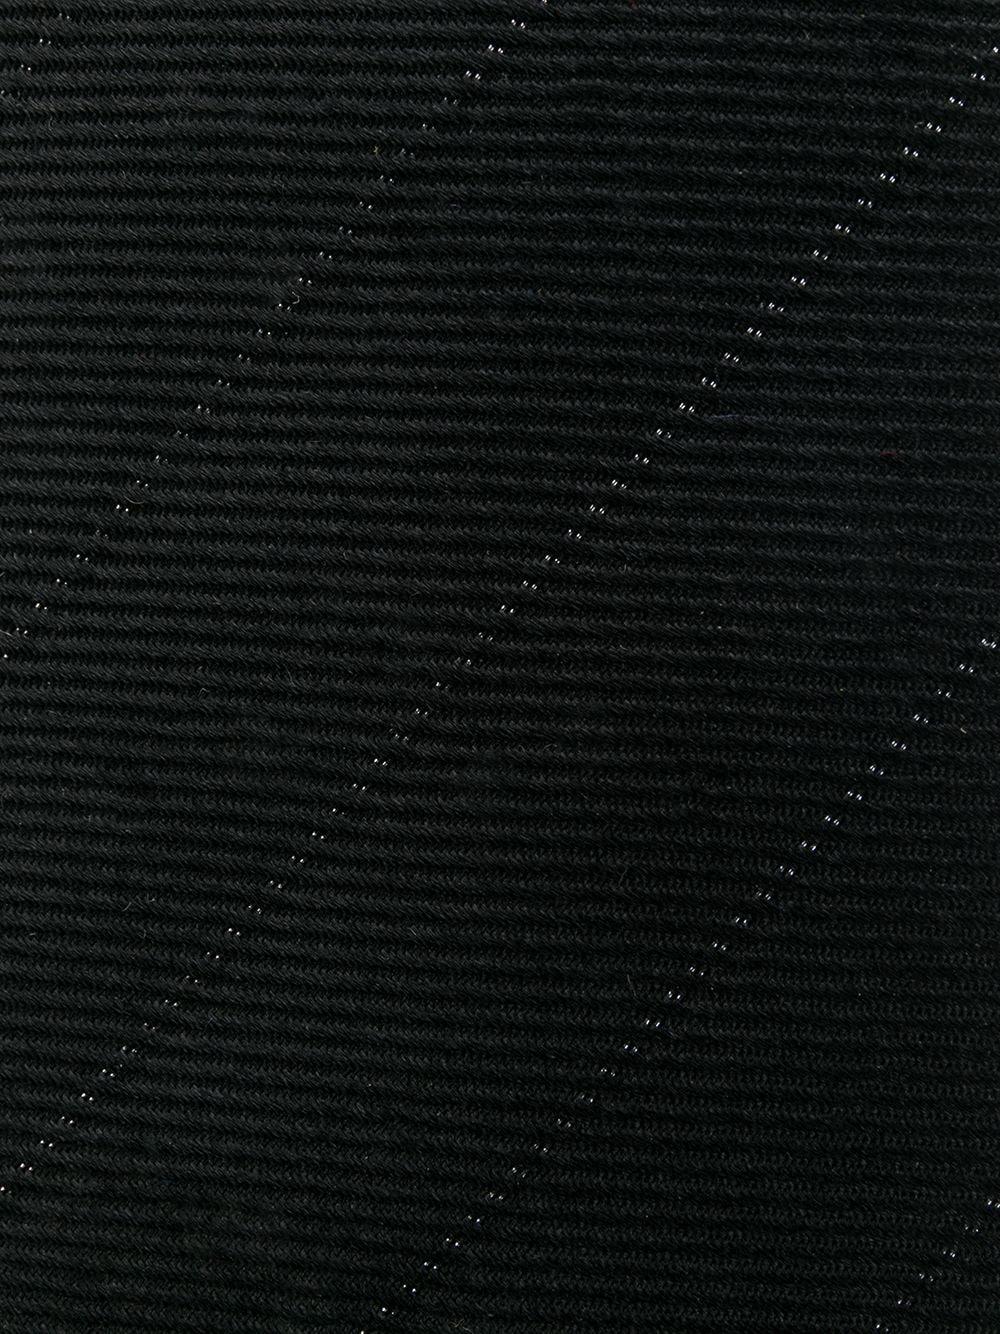 SAINT LAURENT | Saint Laurent галстук в диагональную полоску | Clouty